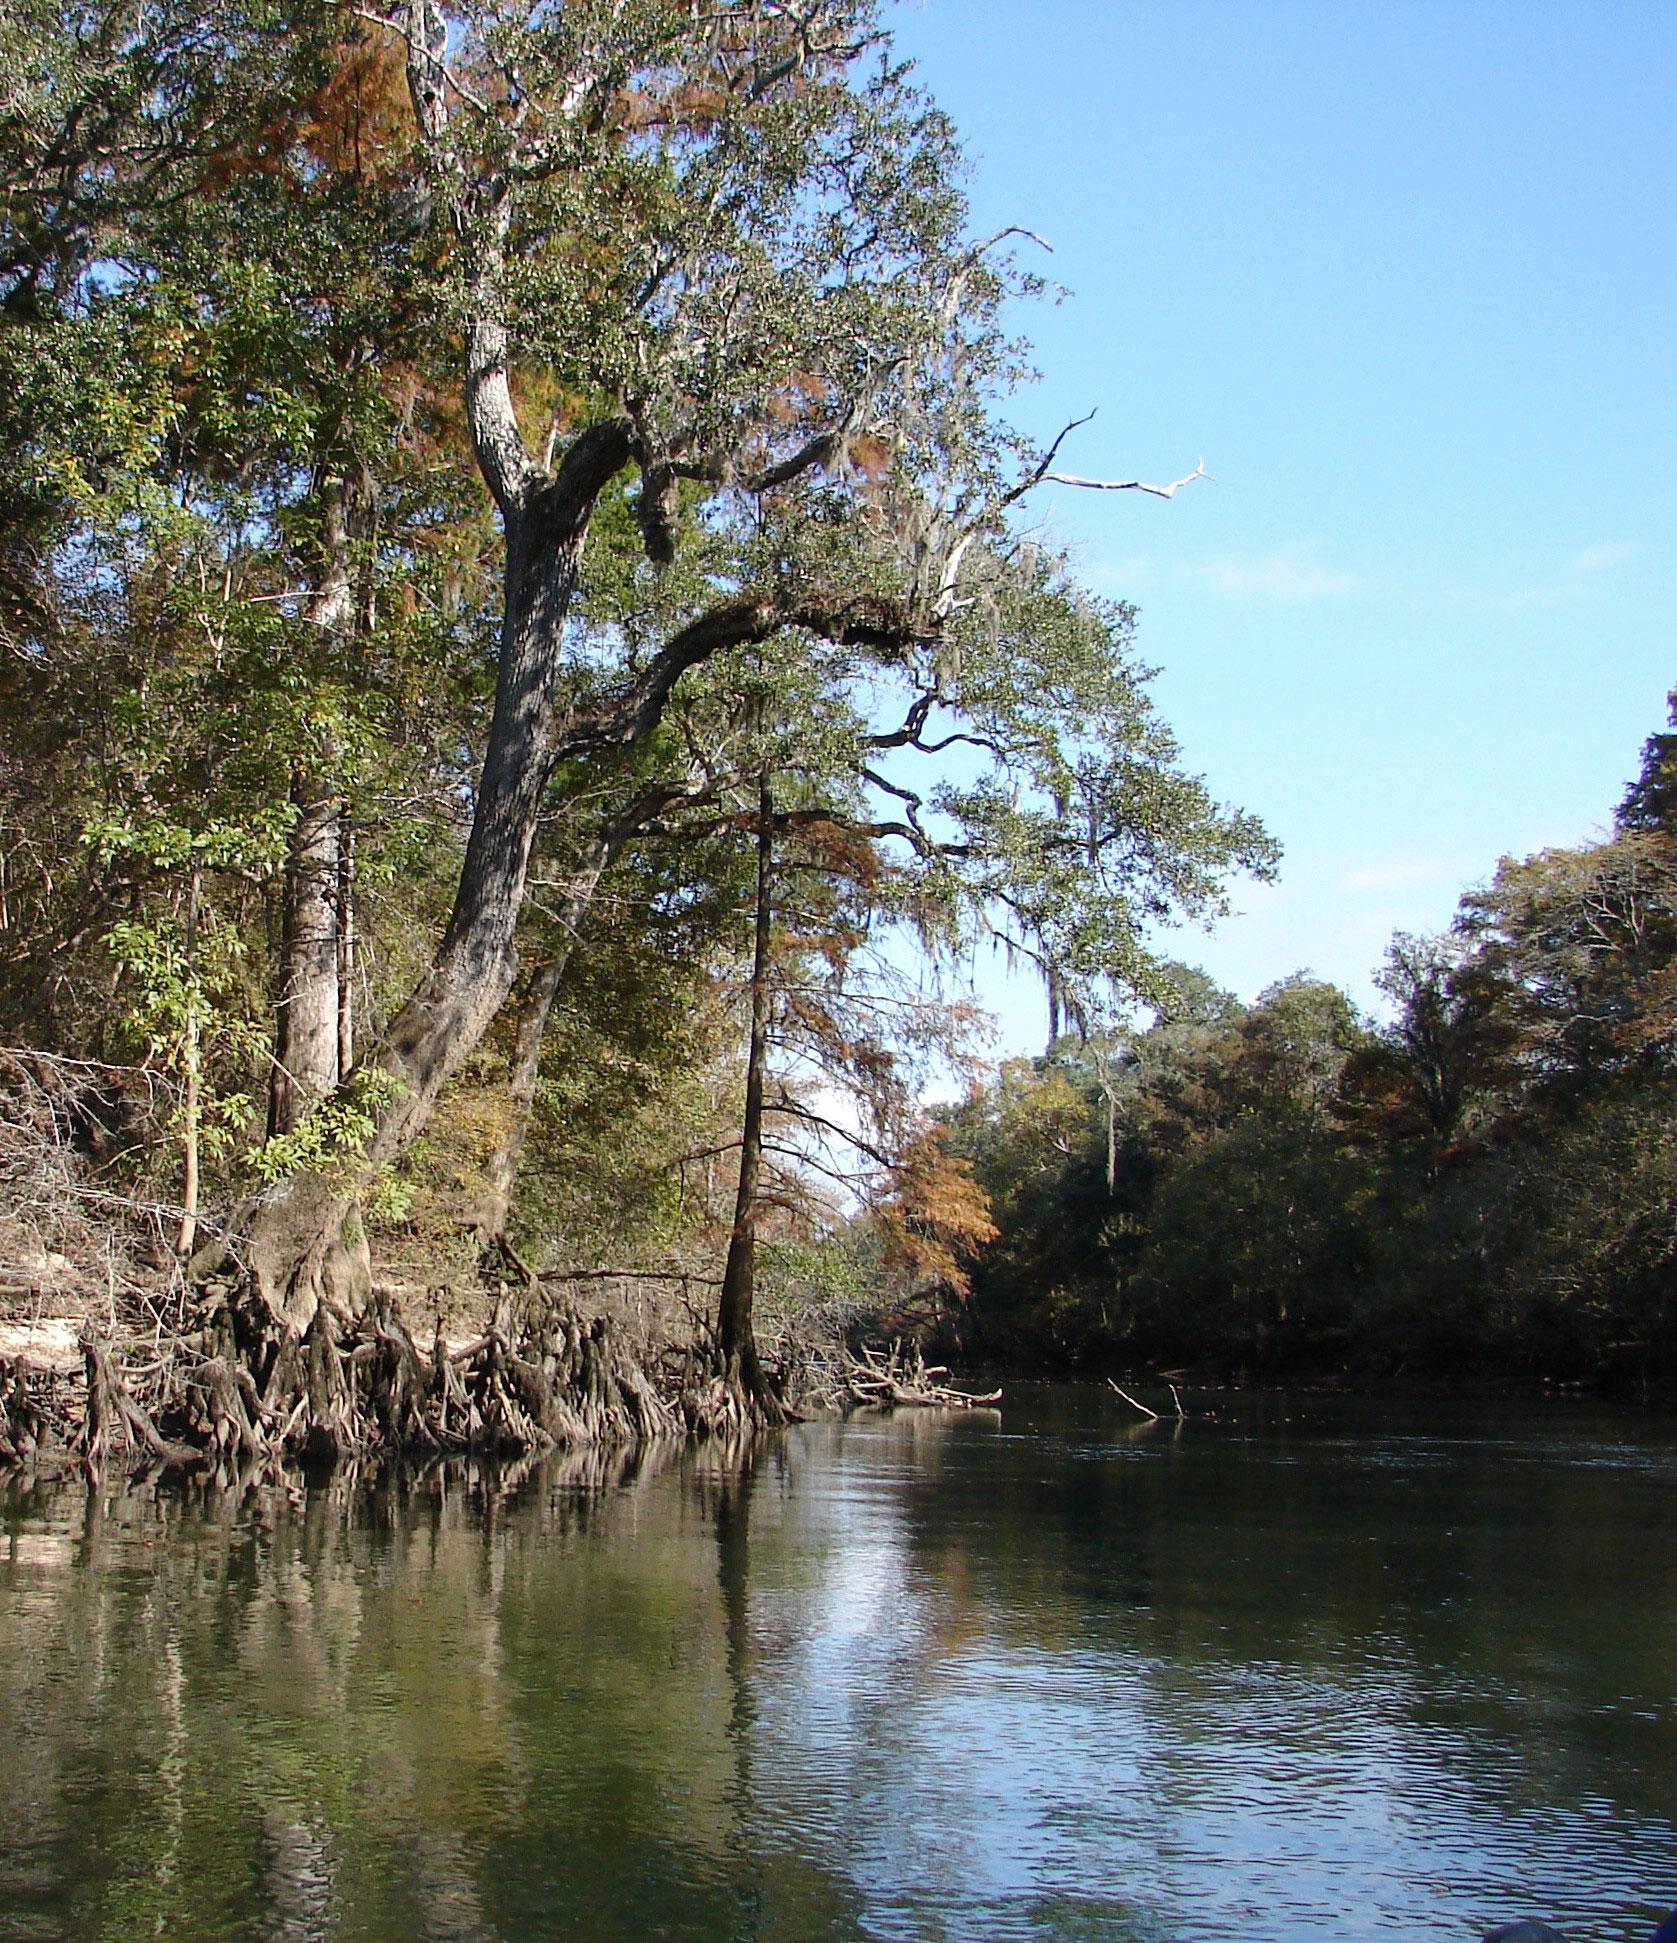 state-designated-paddling-canoeing-kayaking-trail-stock-photos-florida-panhandle-chipola-river-linda-bateman